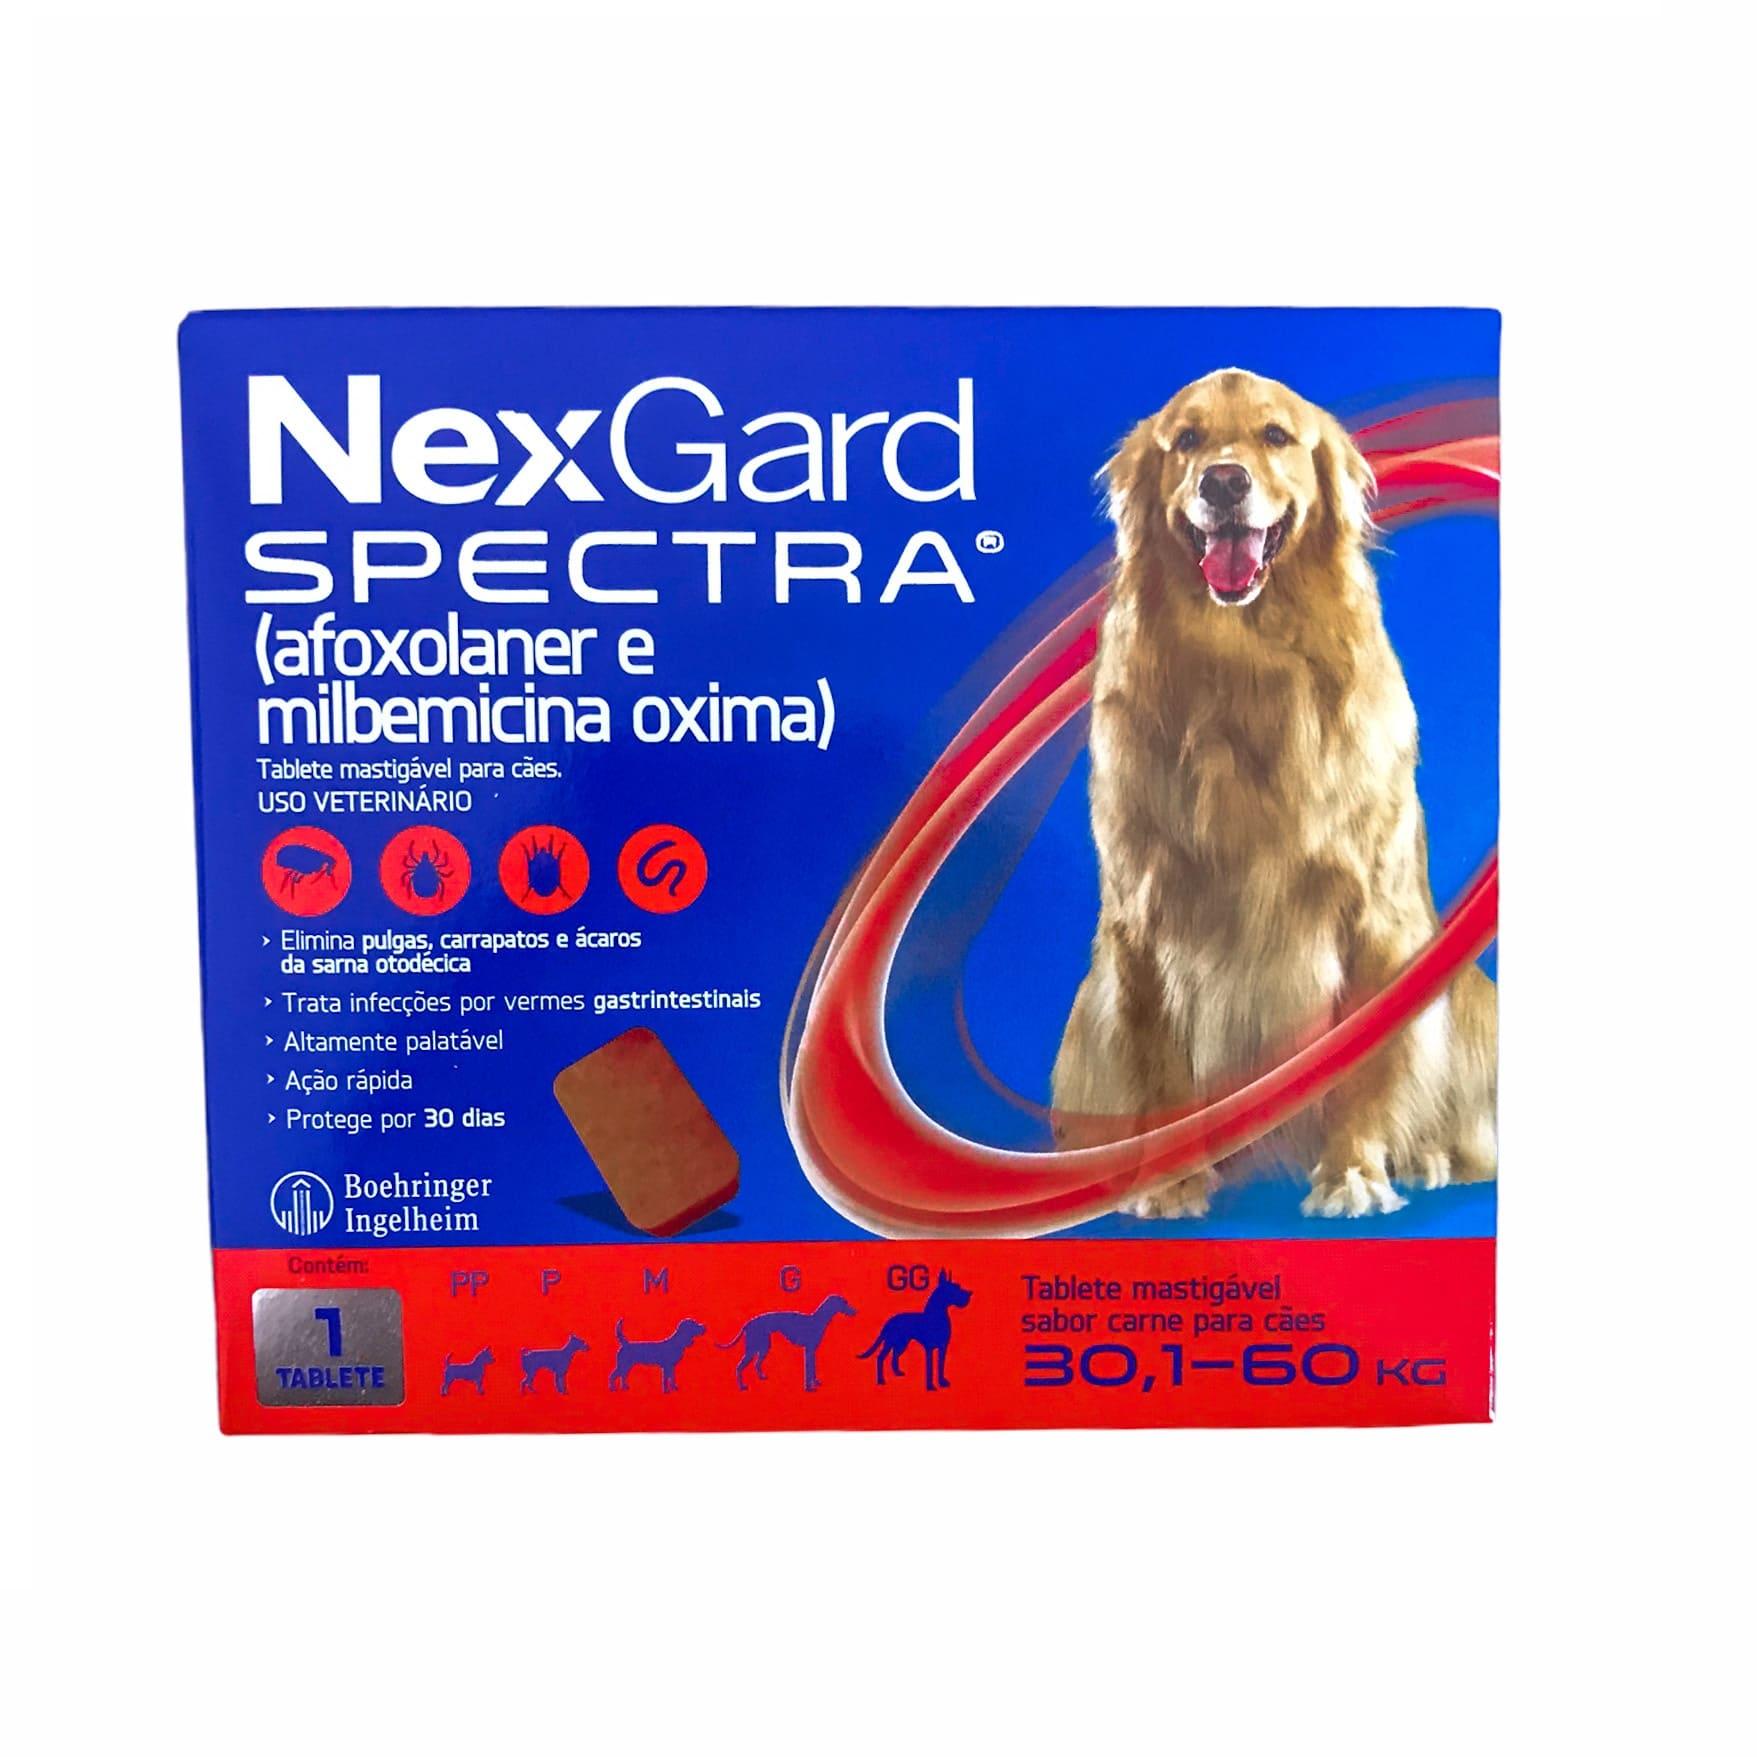 Nexgard Spectra para Cães de 30,1 a 60kg - Boehringer Ingelheim